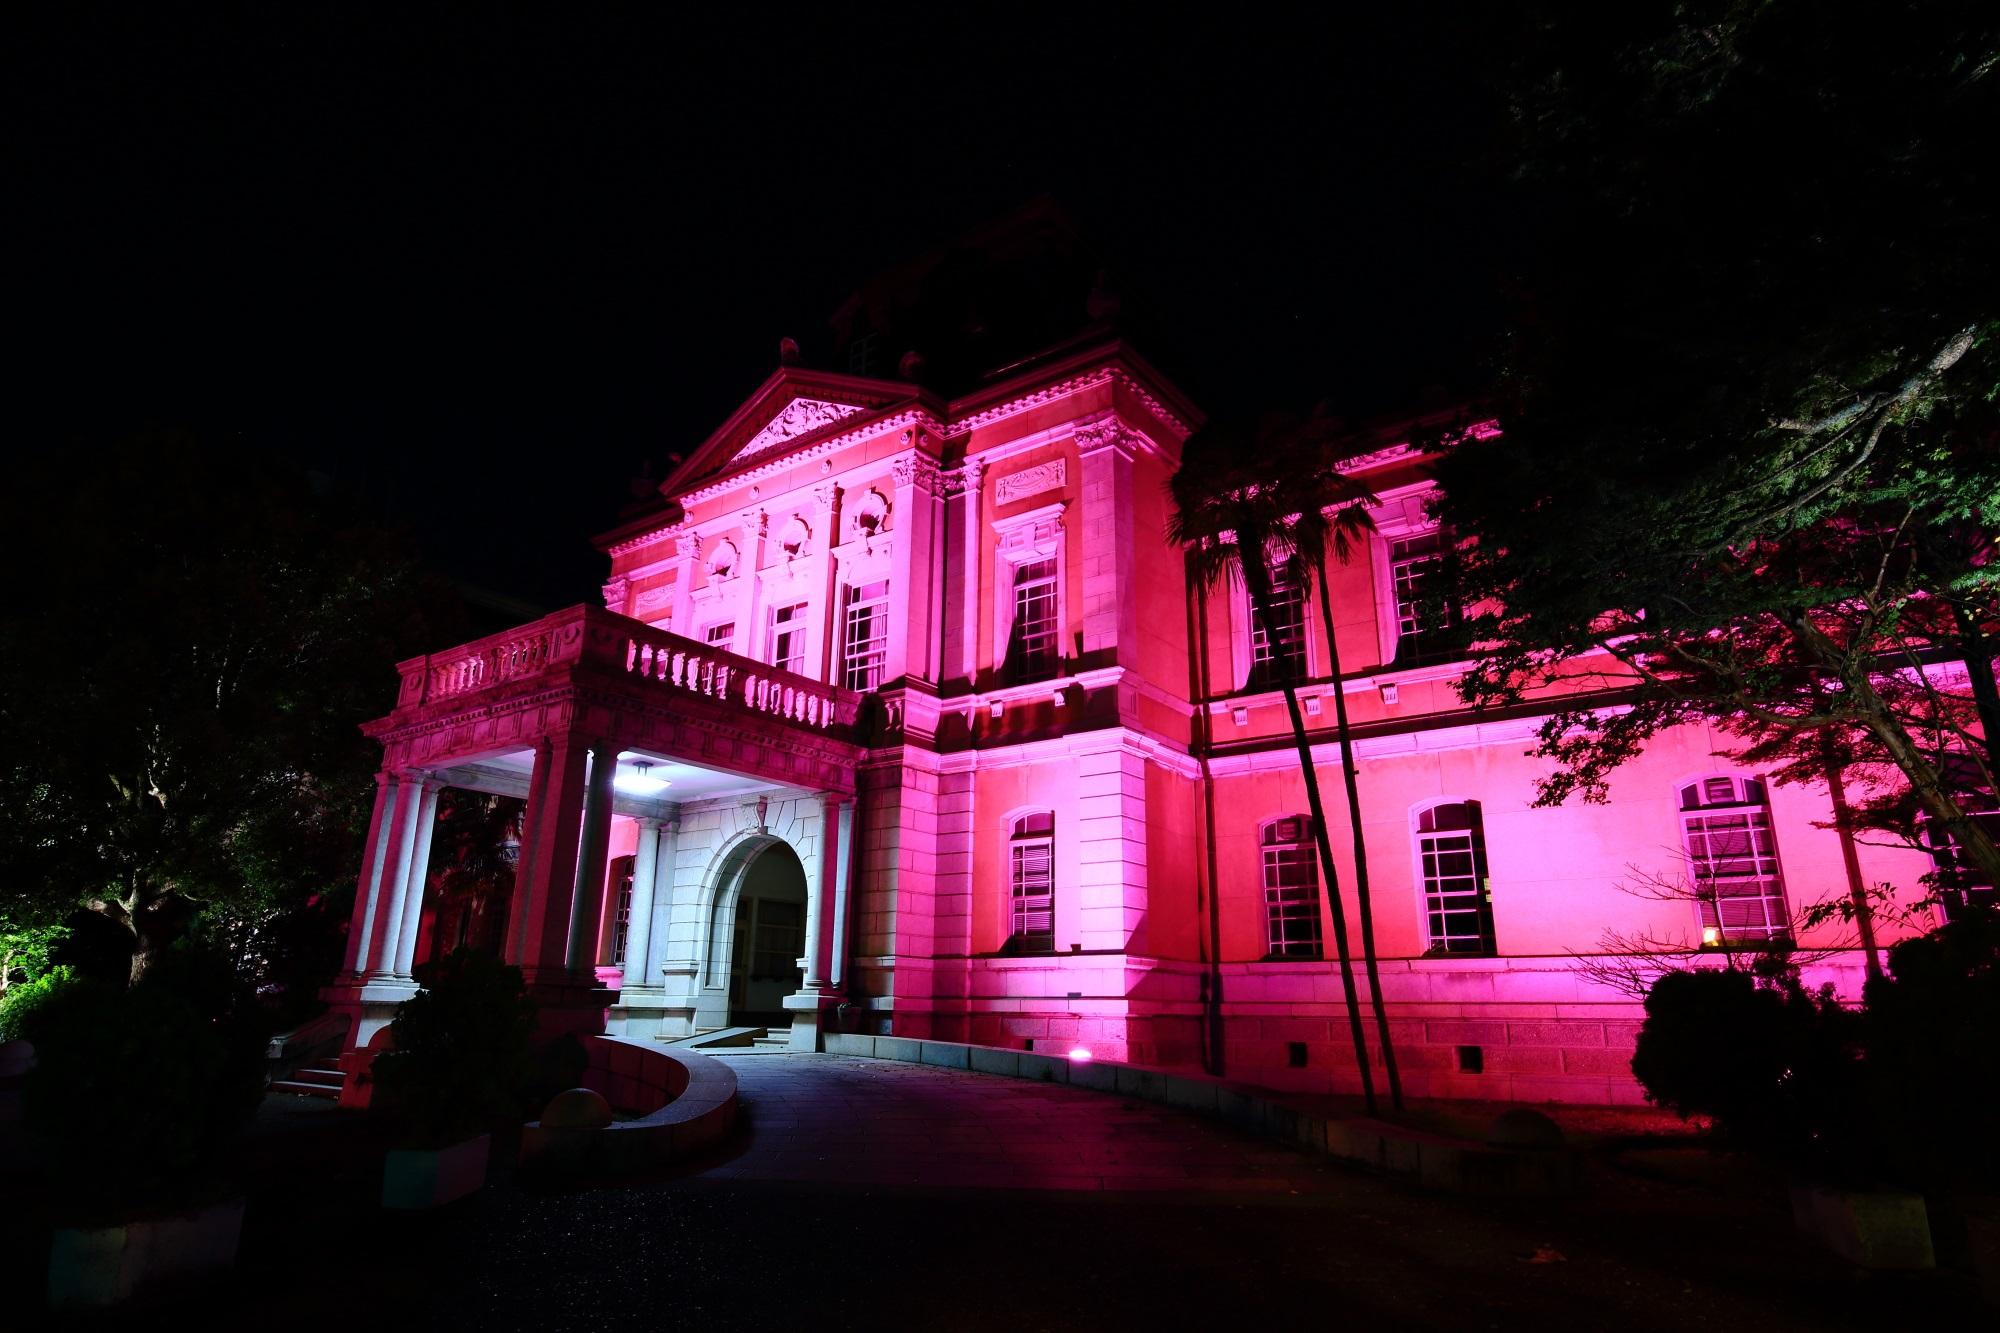 ピンクリボンライトアップの府庁旧本館